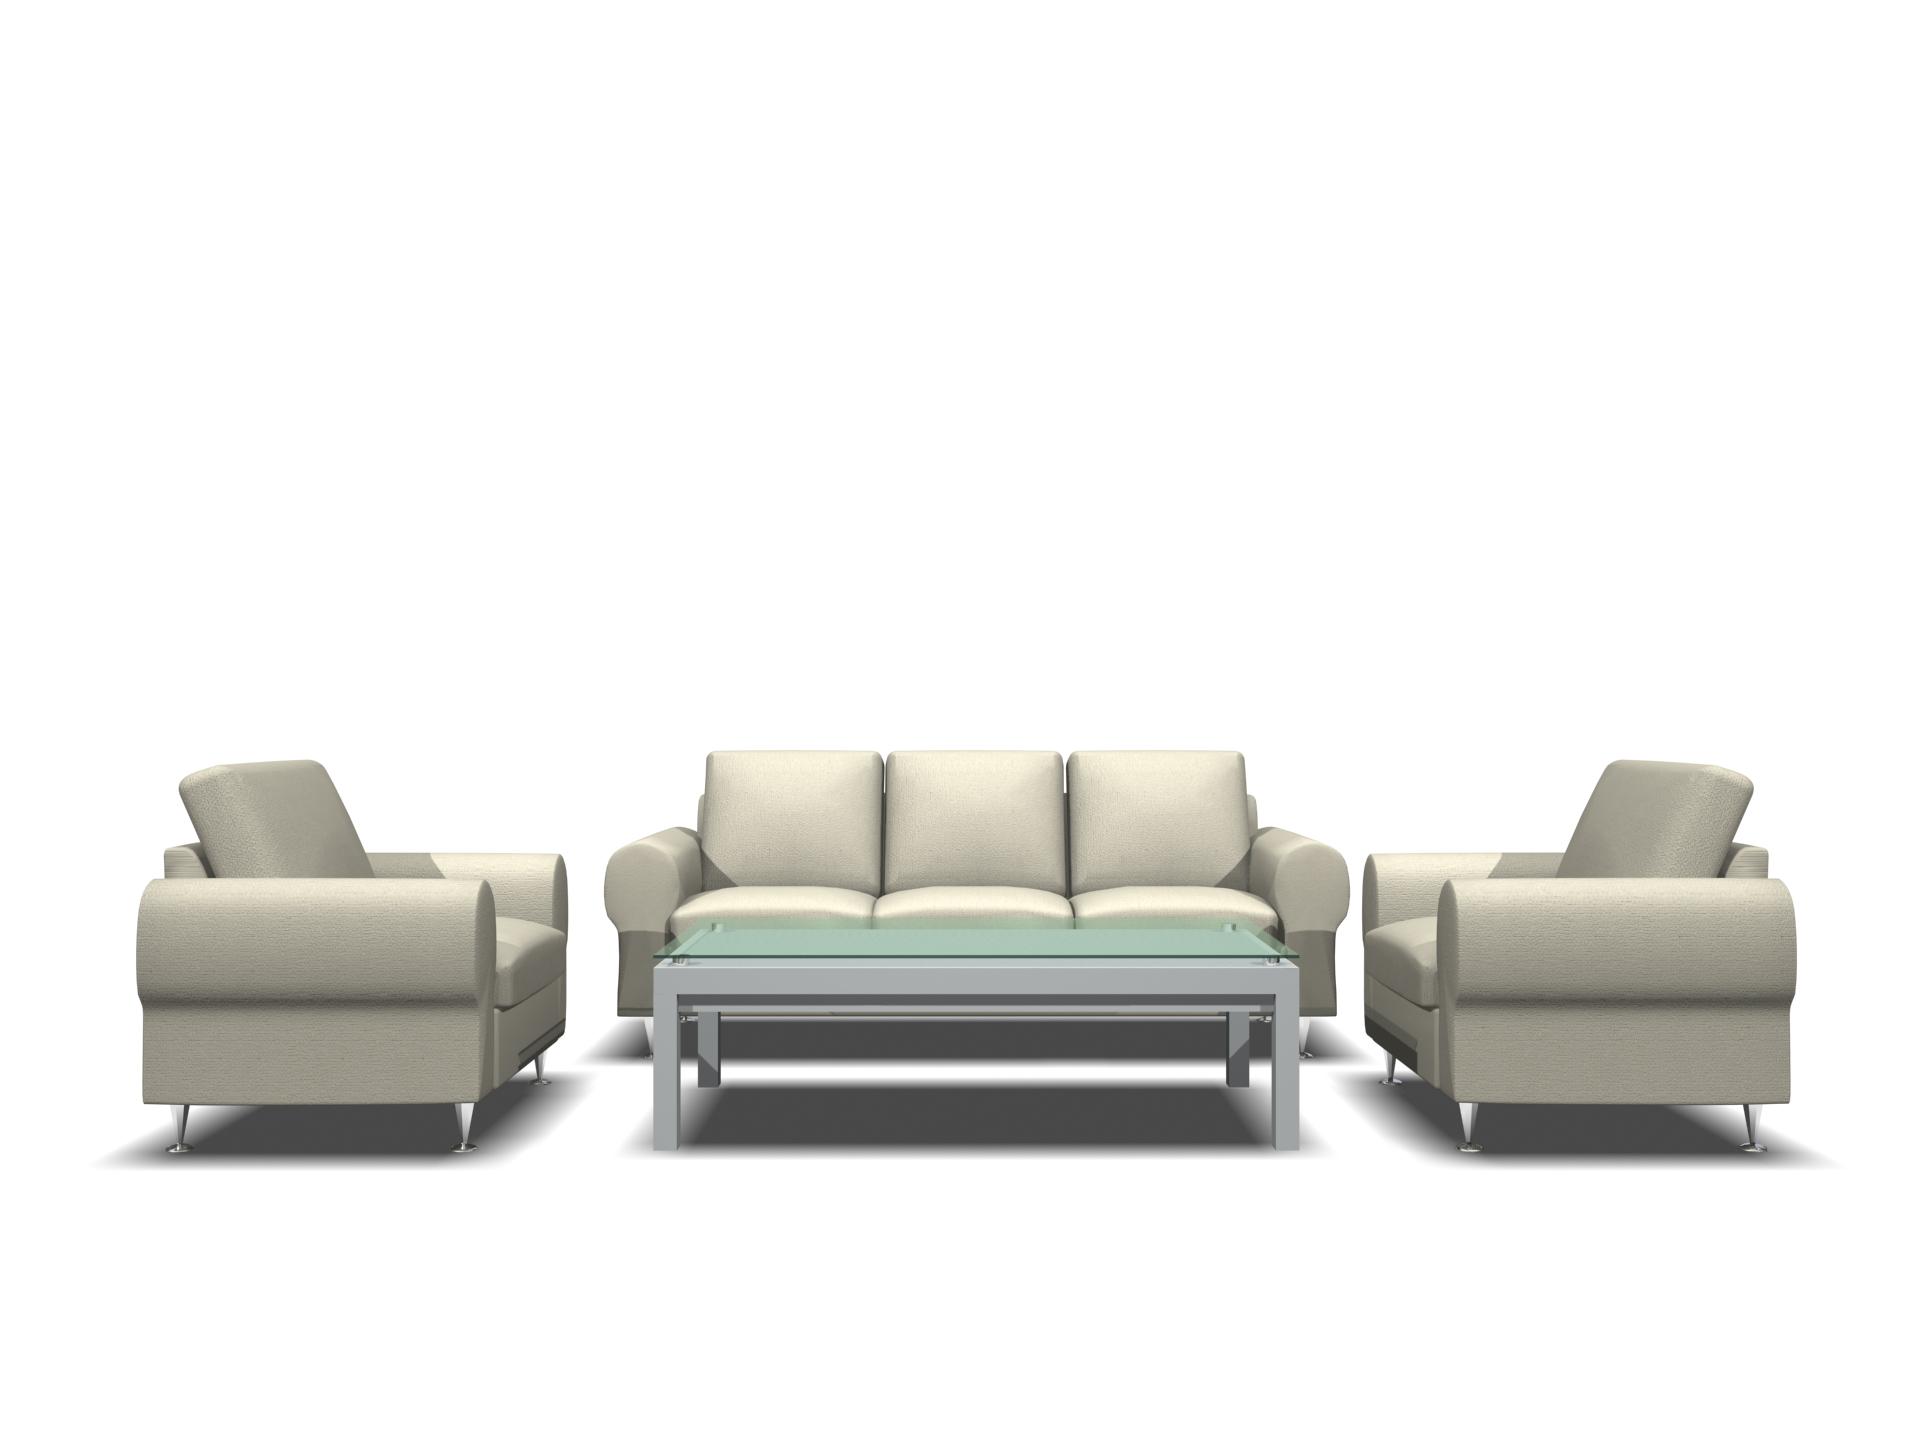 Furniture Sas 013 3d Model Download Free 3d Models Download